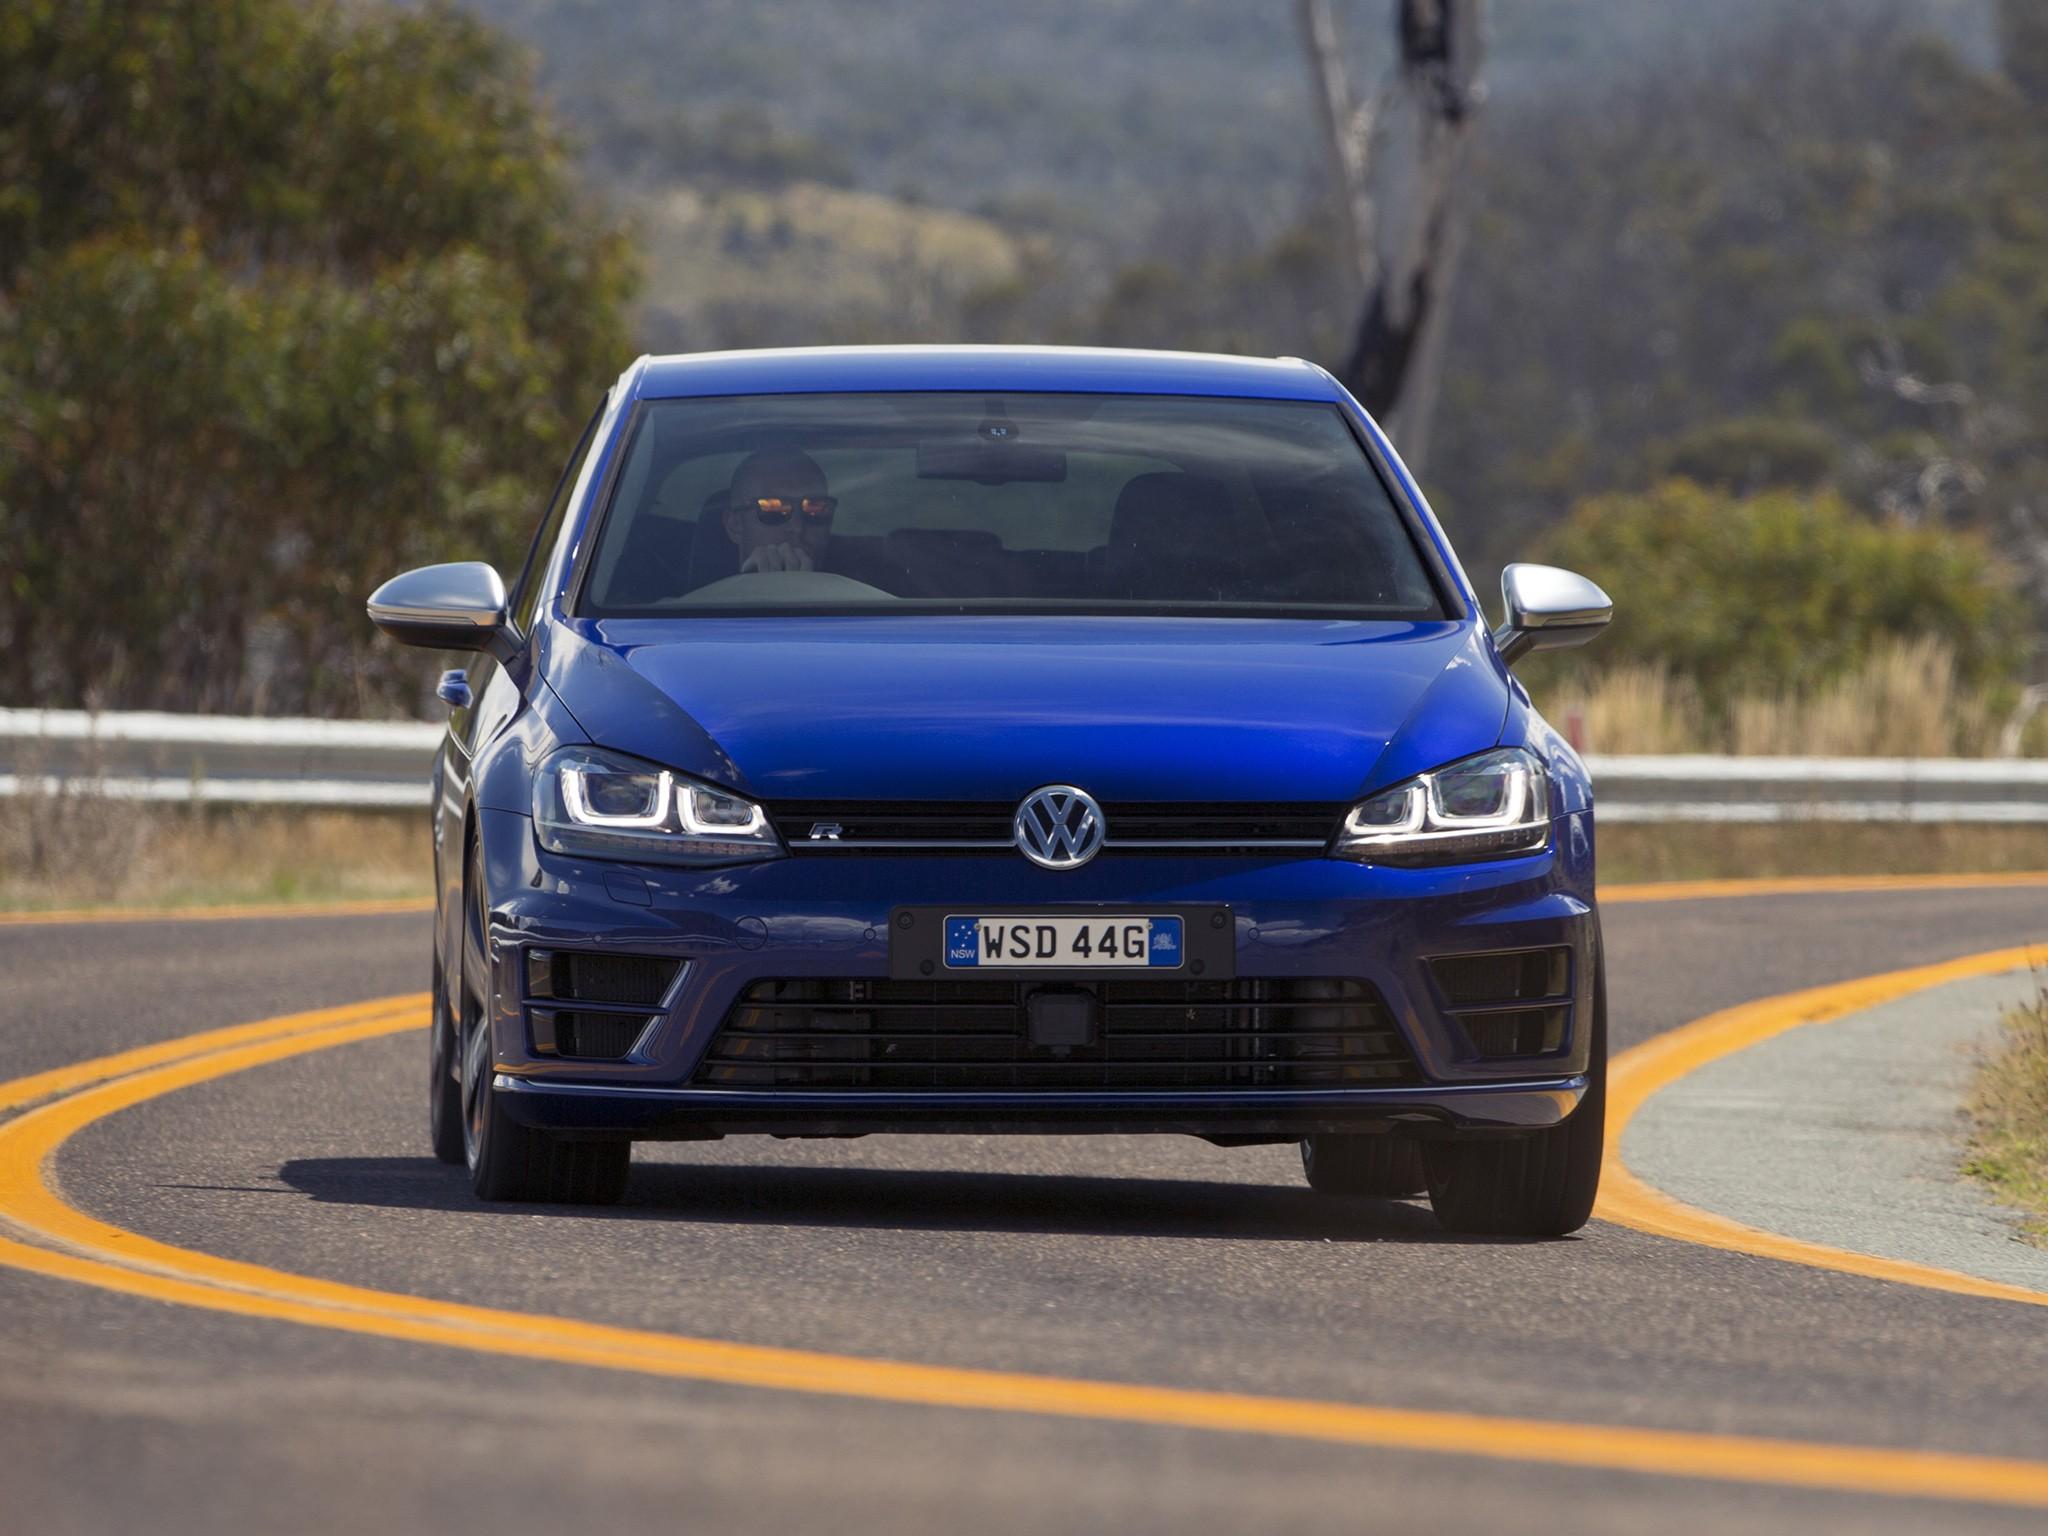 VOLKSWAGEN Golf VII R 5 Doors specs - 2013, 2014, 2015, 2016, 2017 - autoevolution